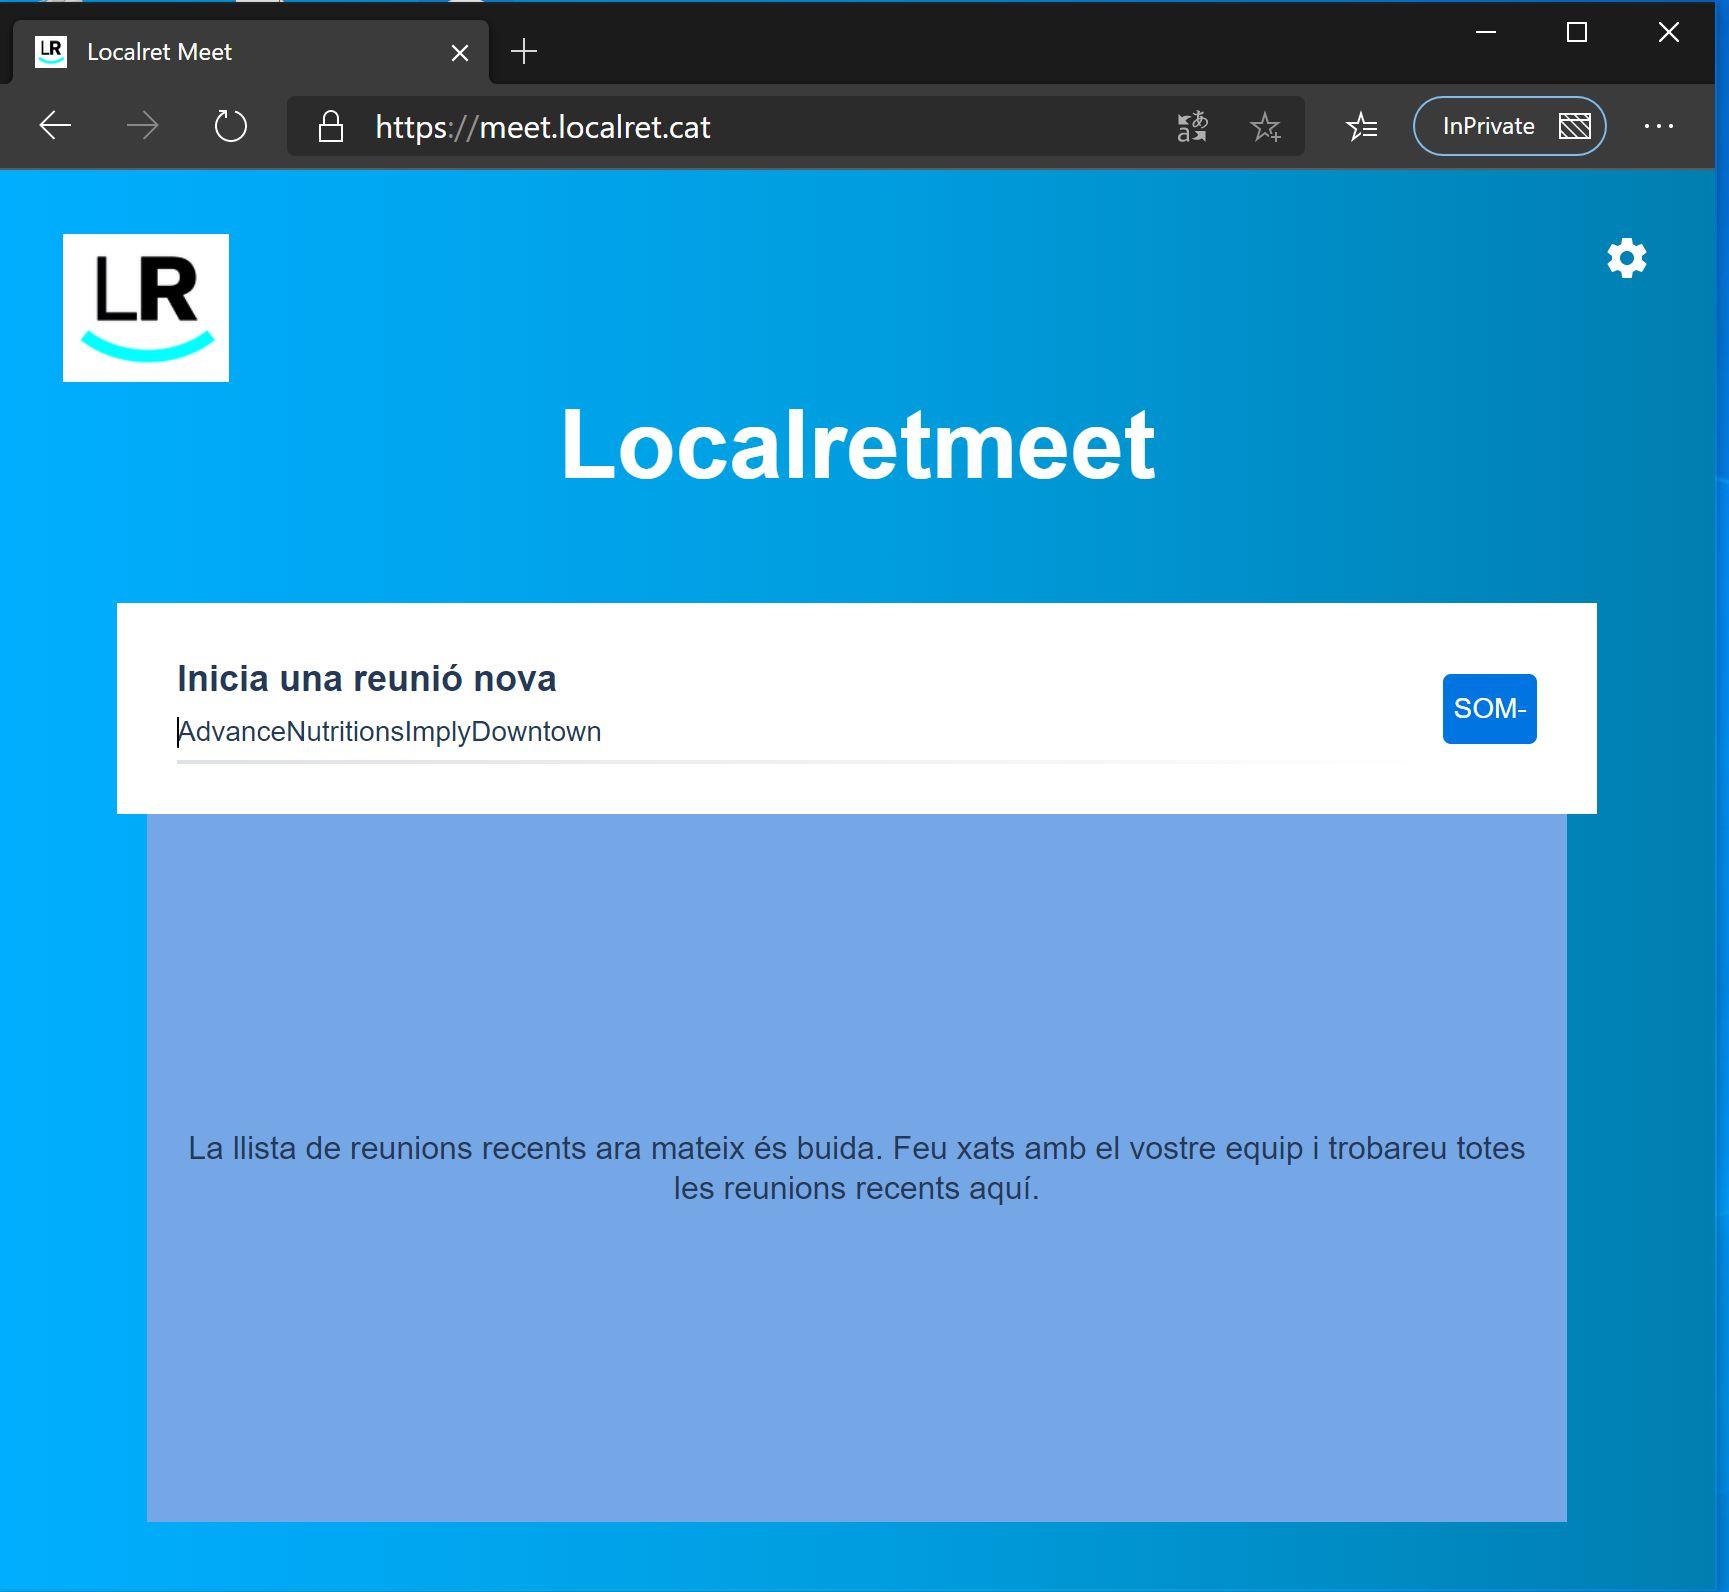 Lloc Localretmeet